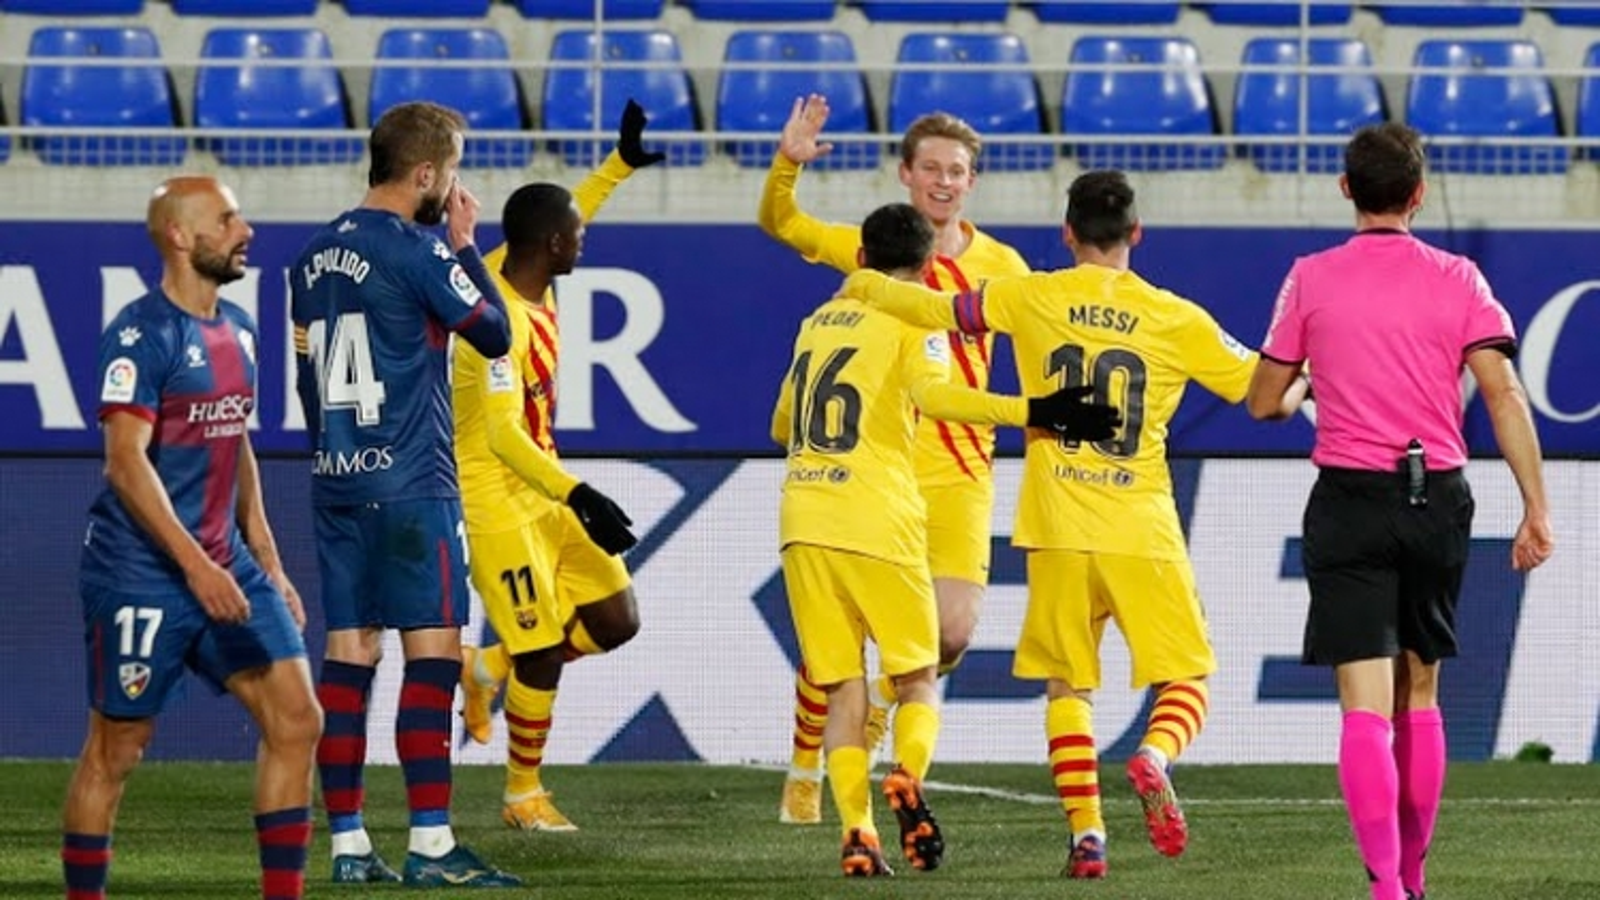 Messi kiến tạo siêu đẳng, Barca đánh bại SD Huesca